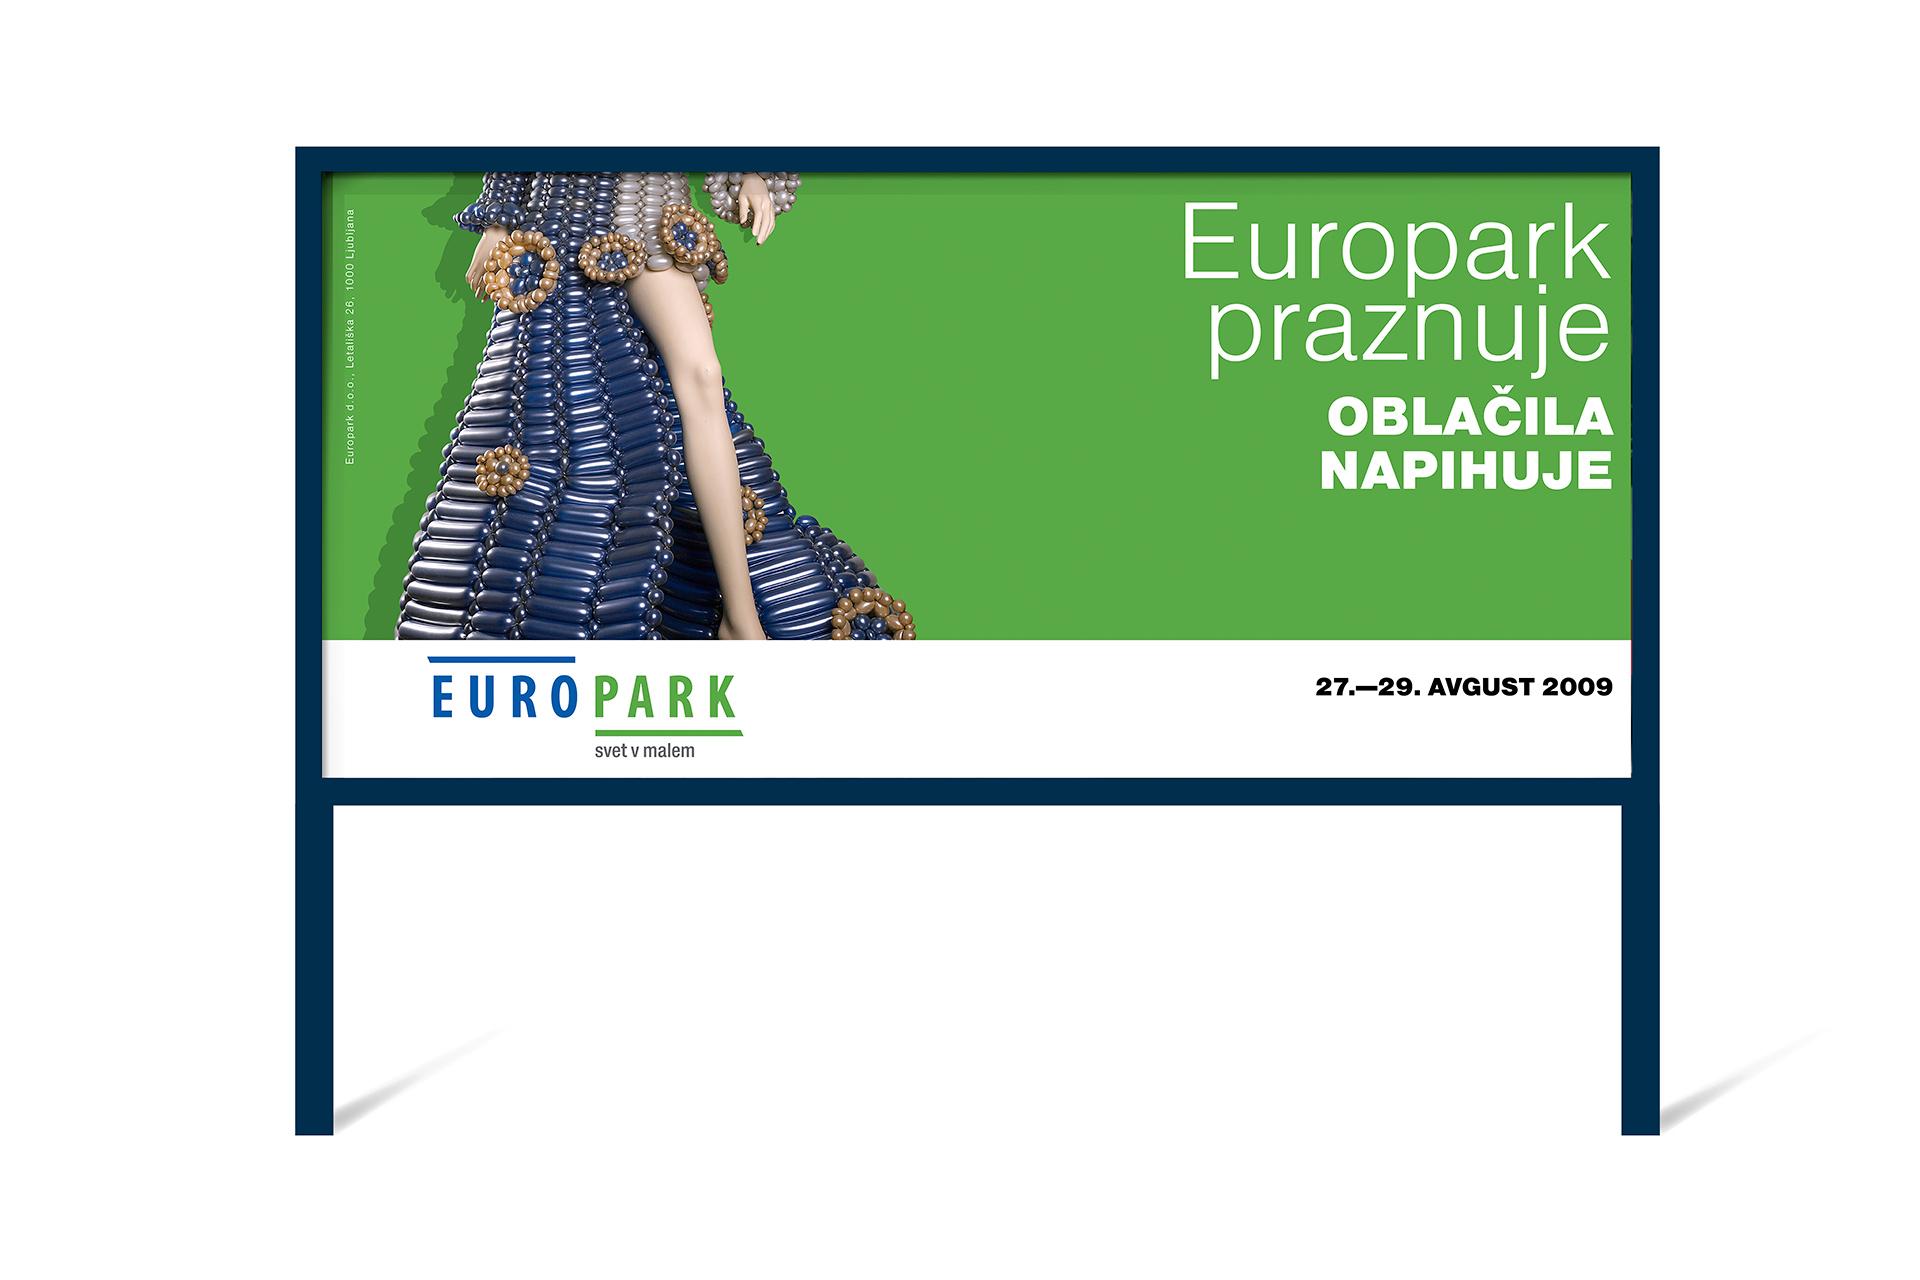 europark_jumbo_09